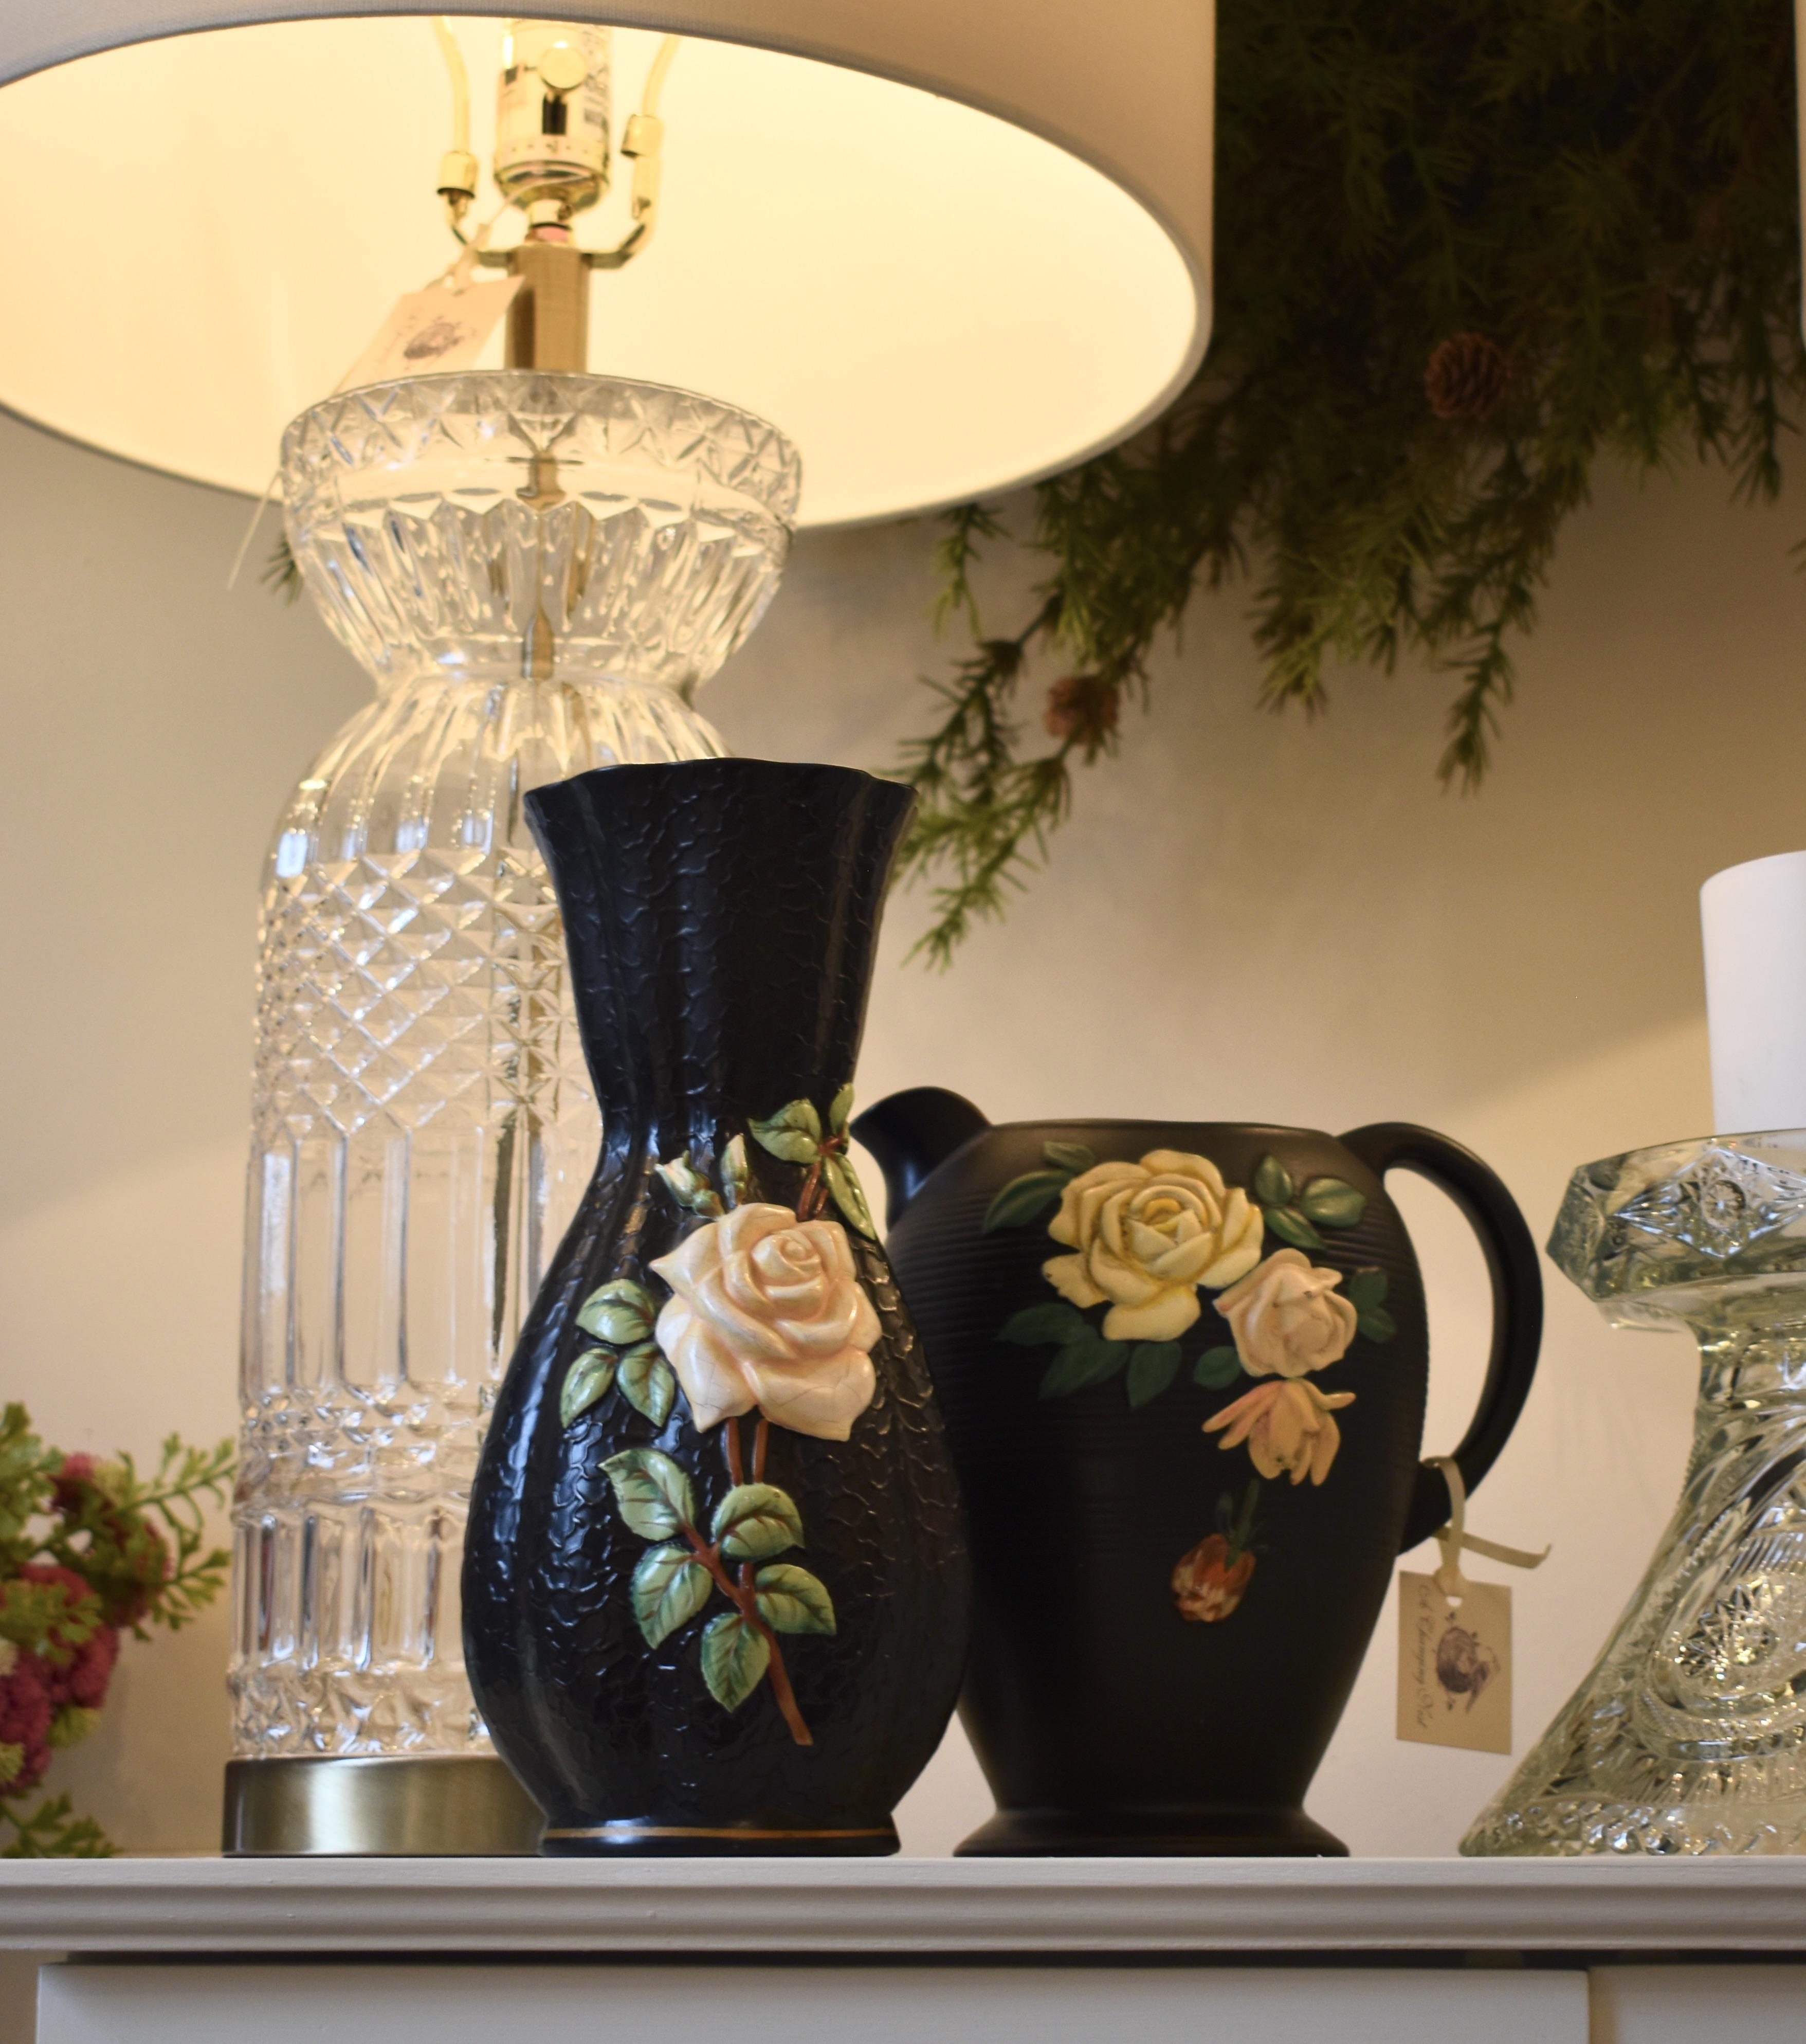 Brentleighware Vase and Jug